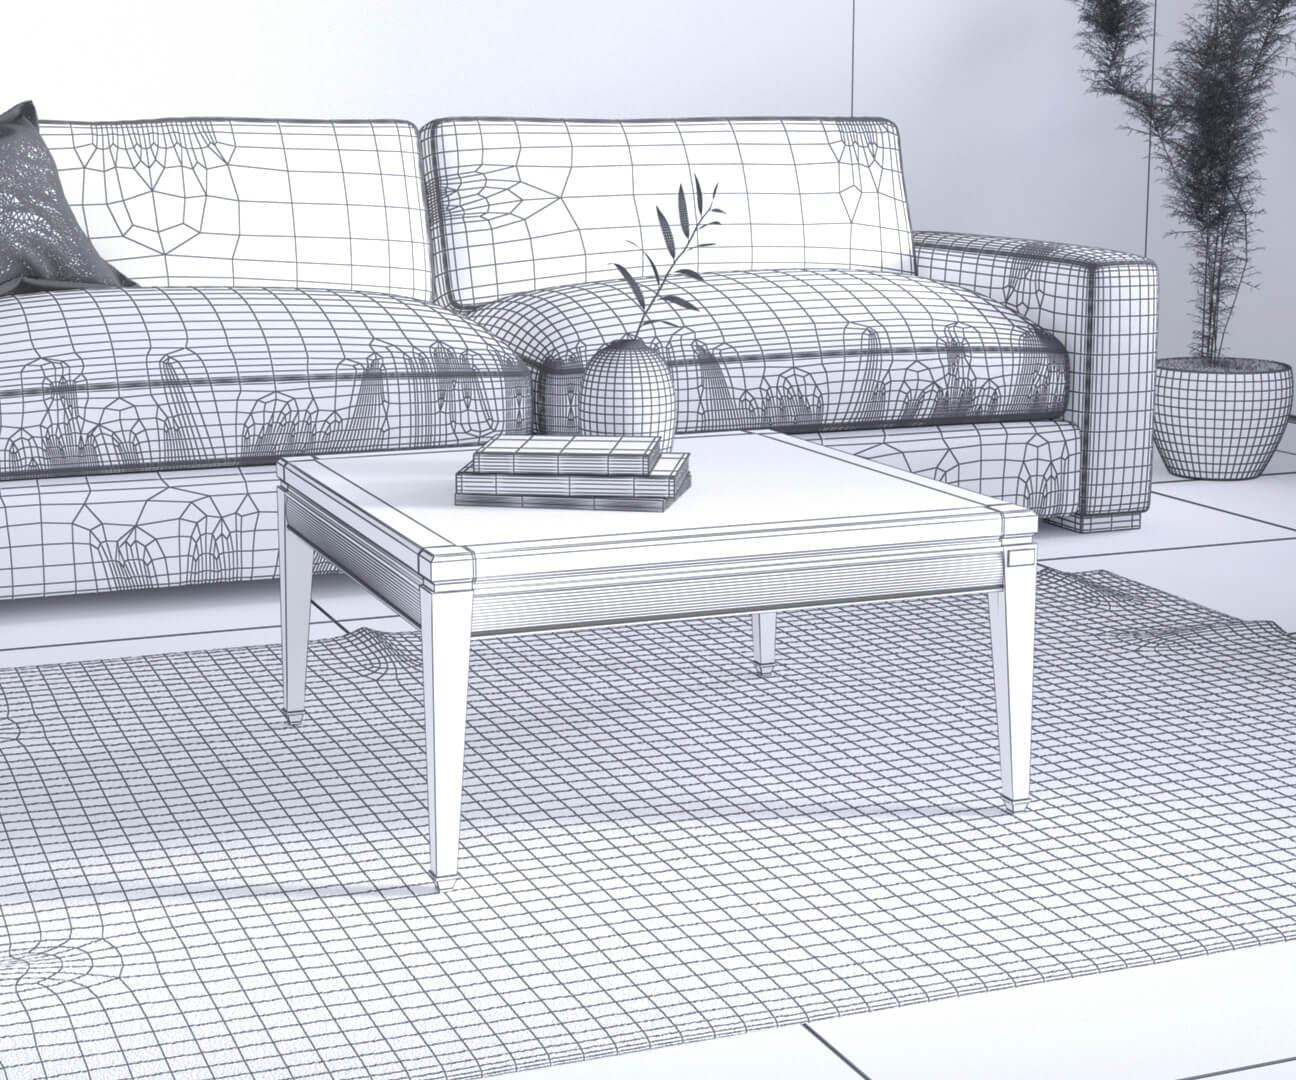 preview du visuel 3D avant application des textures et de la lumière